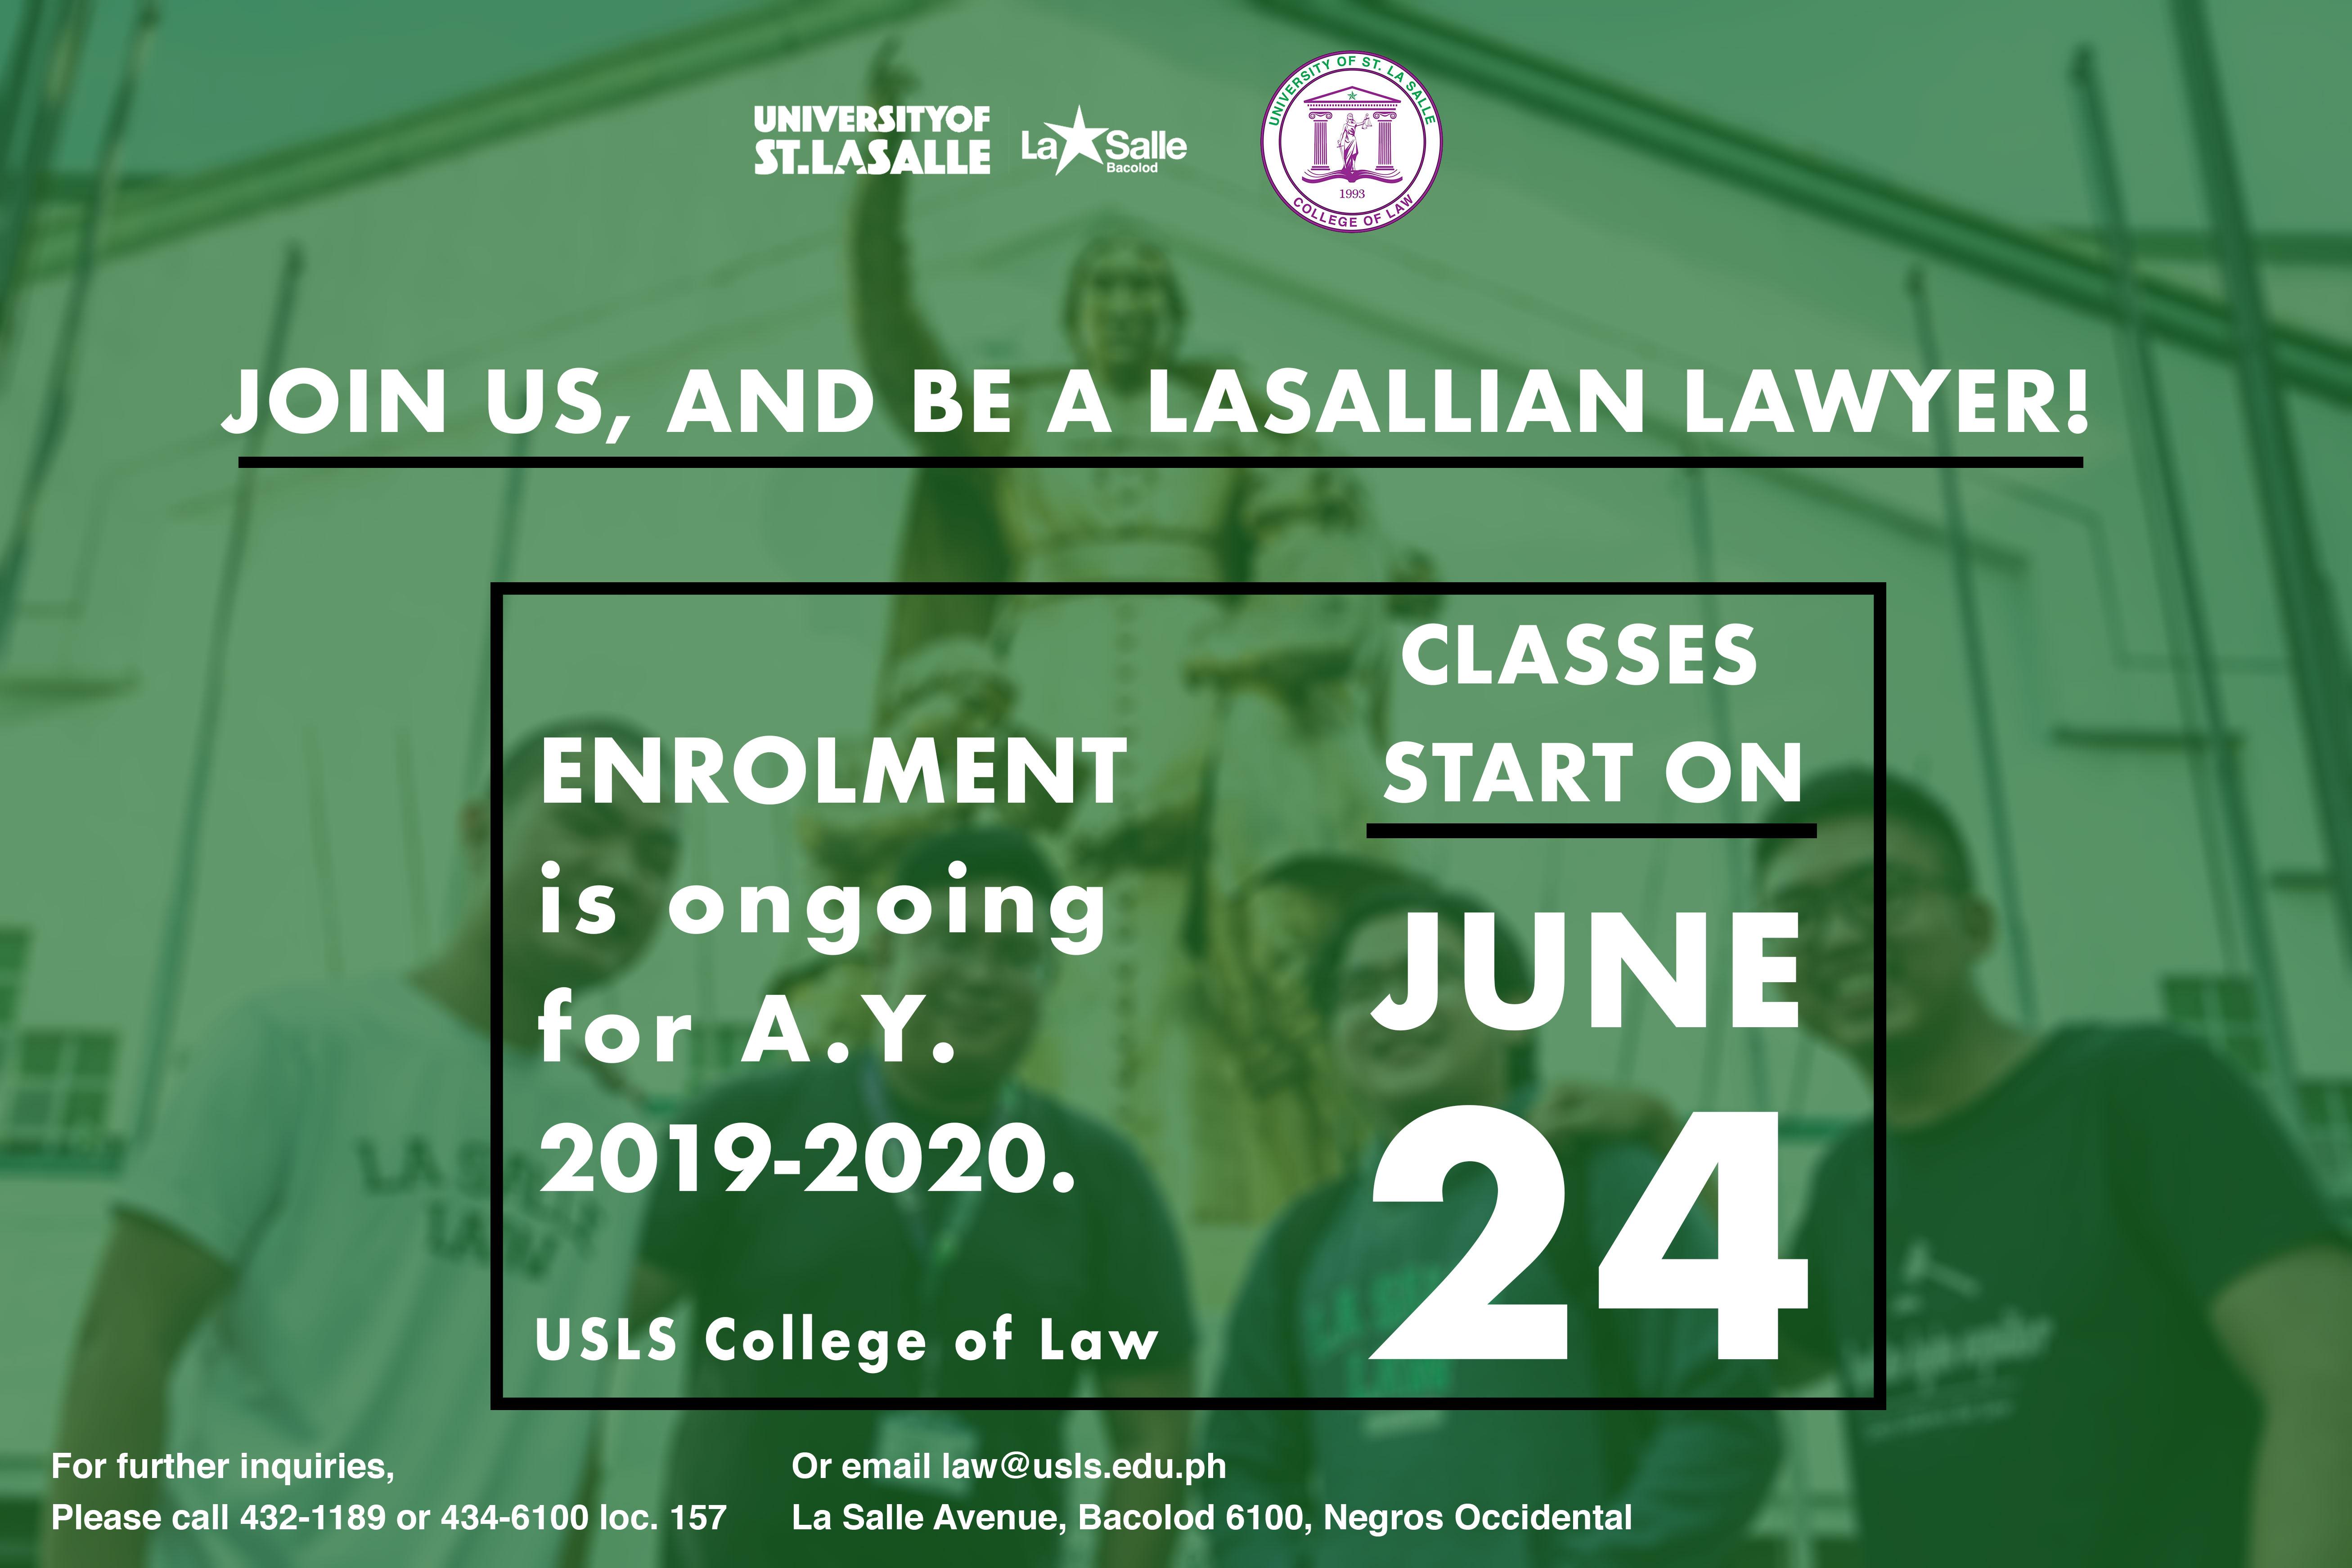 University Of St. La Salle Pertaining To Lasalle University Calendar 2021